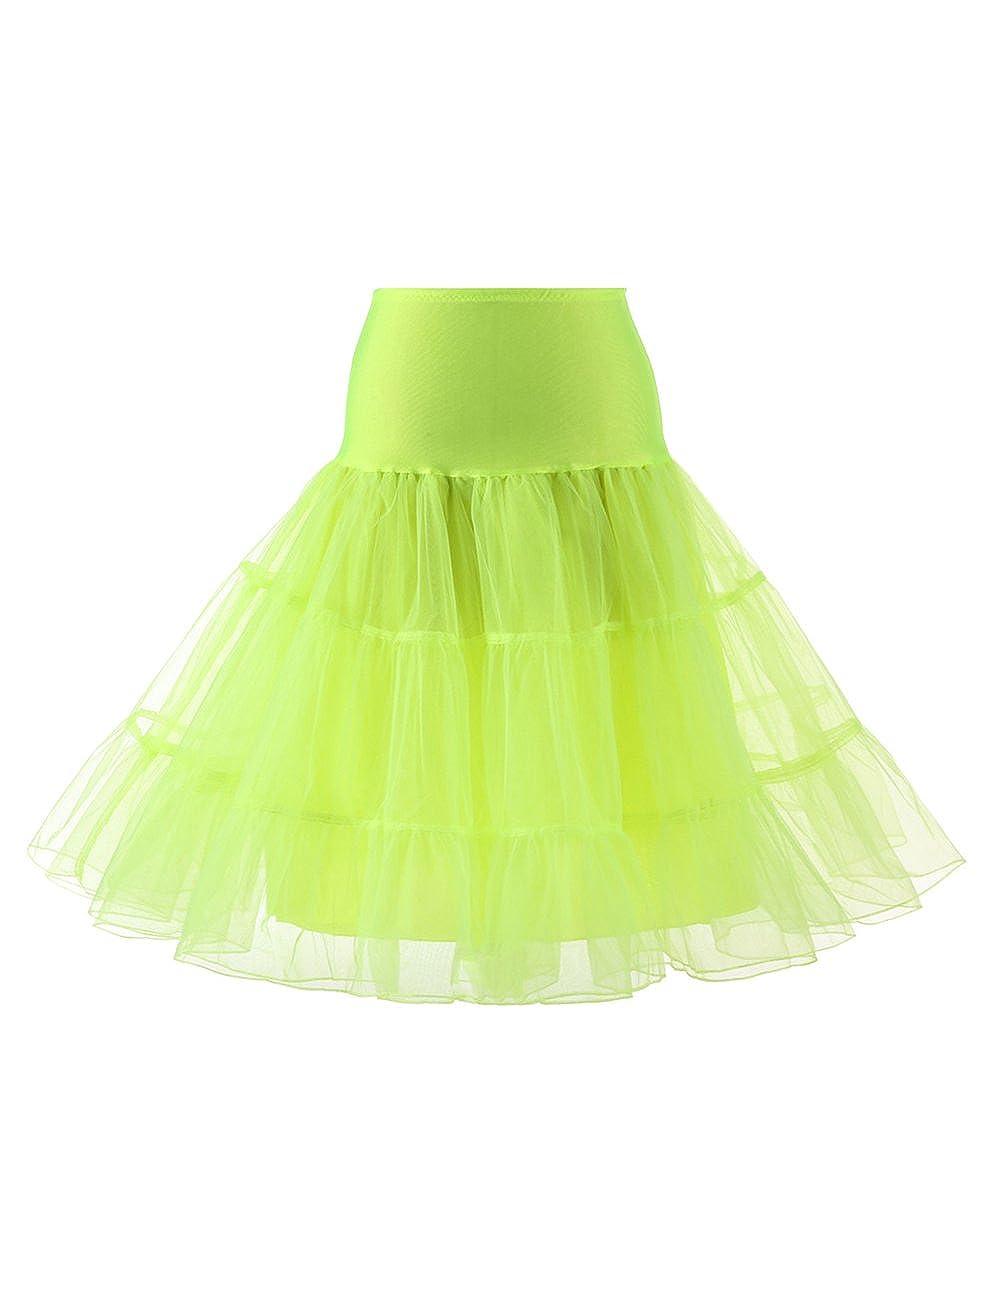 VKStar Kurz Elastische Taille Petticoat Krinoline Unterrock Reifrock für Kleider FX111-Apple Green